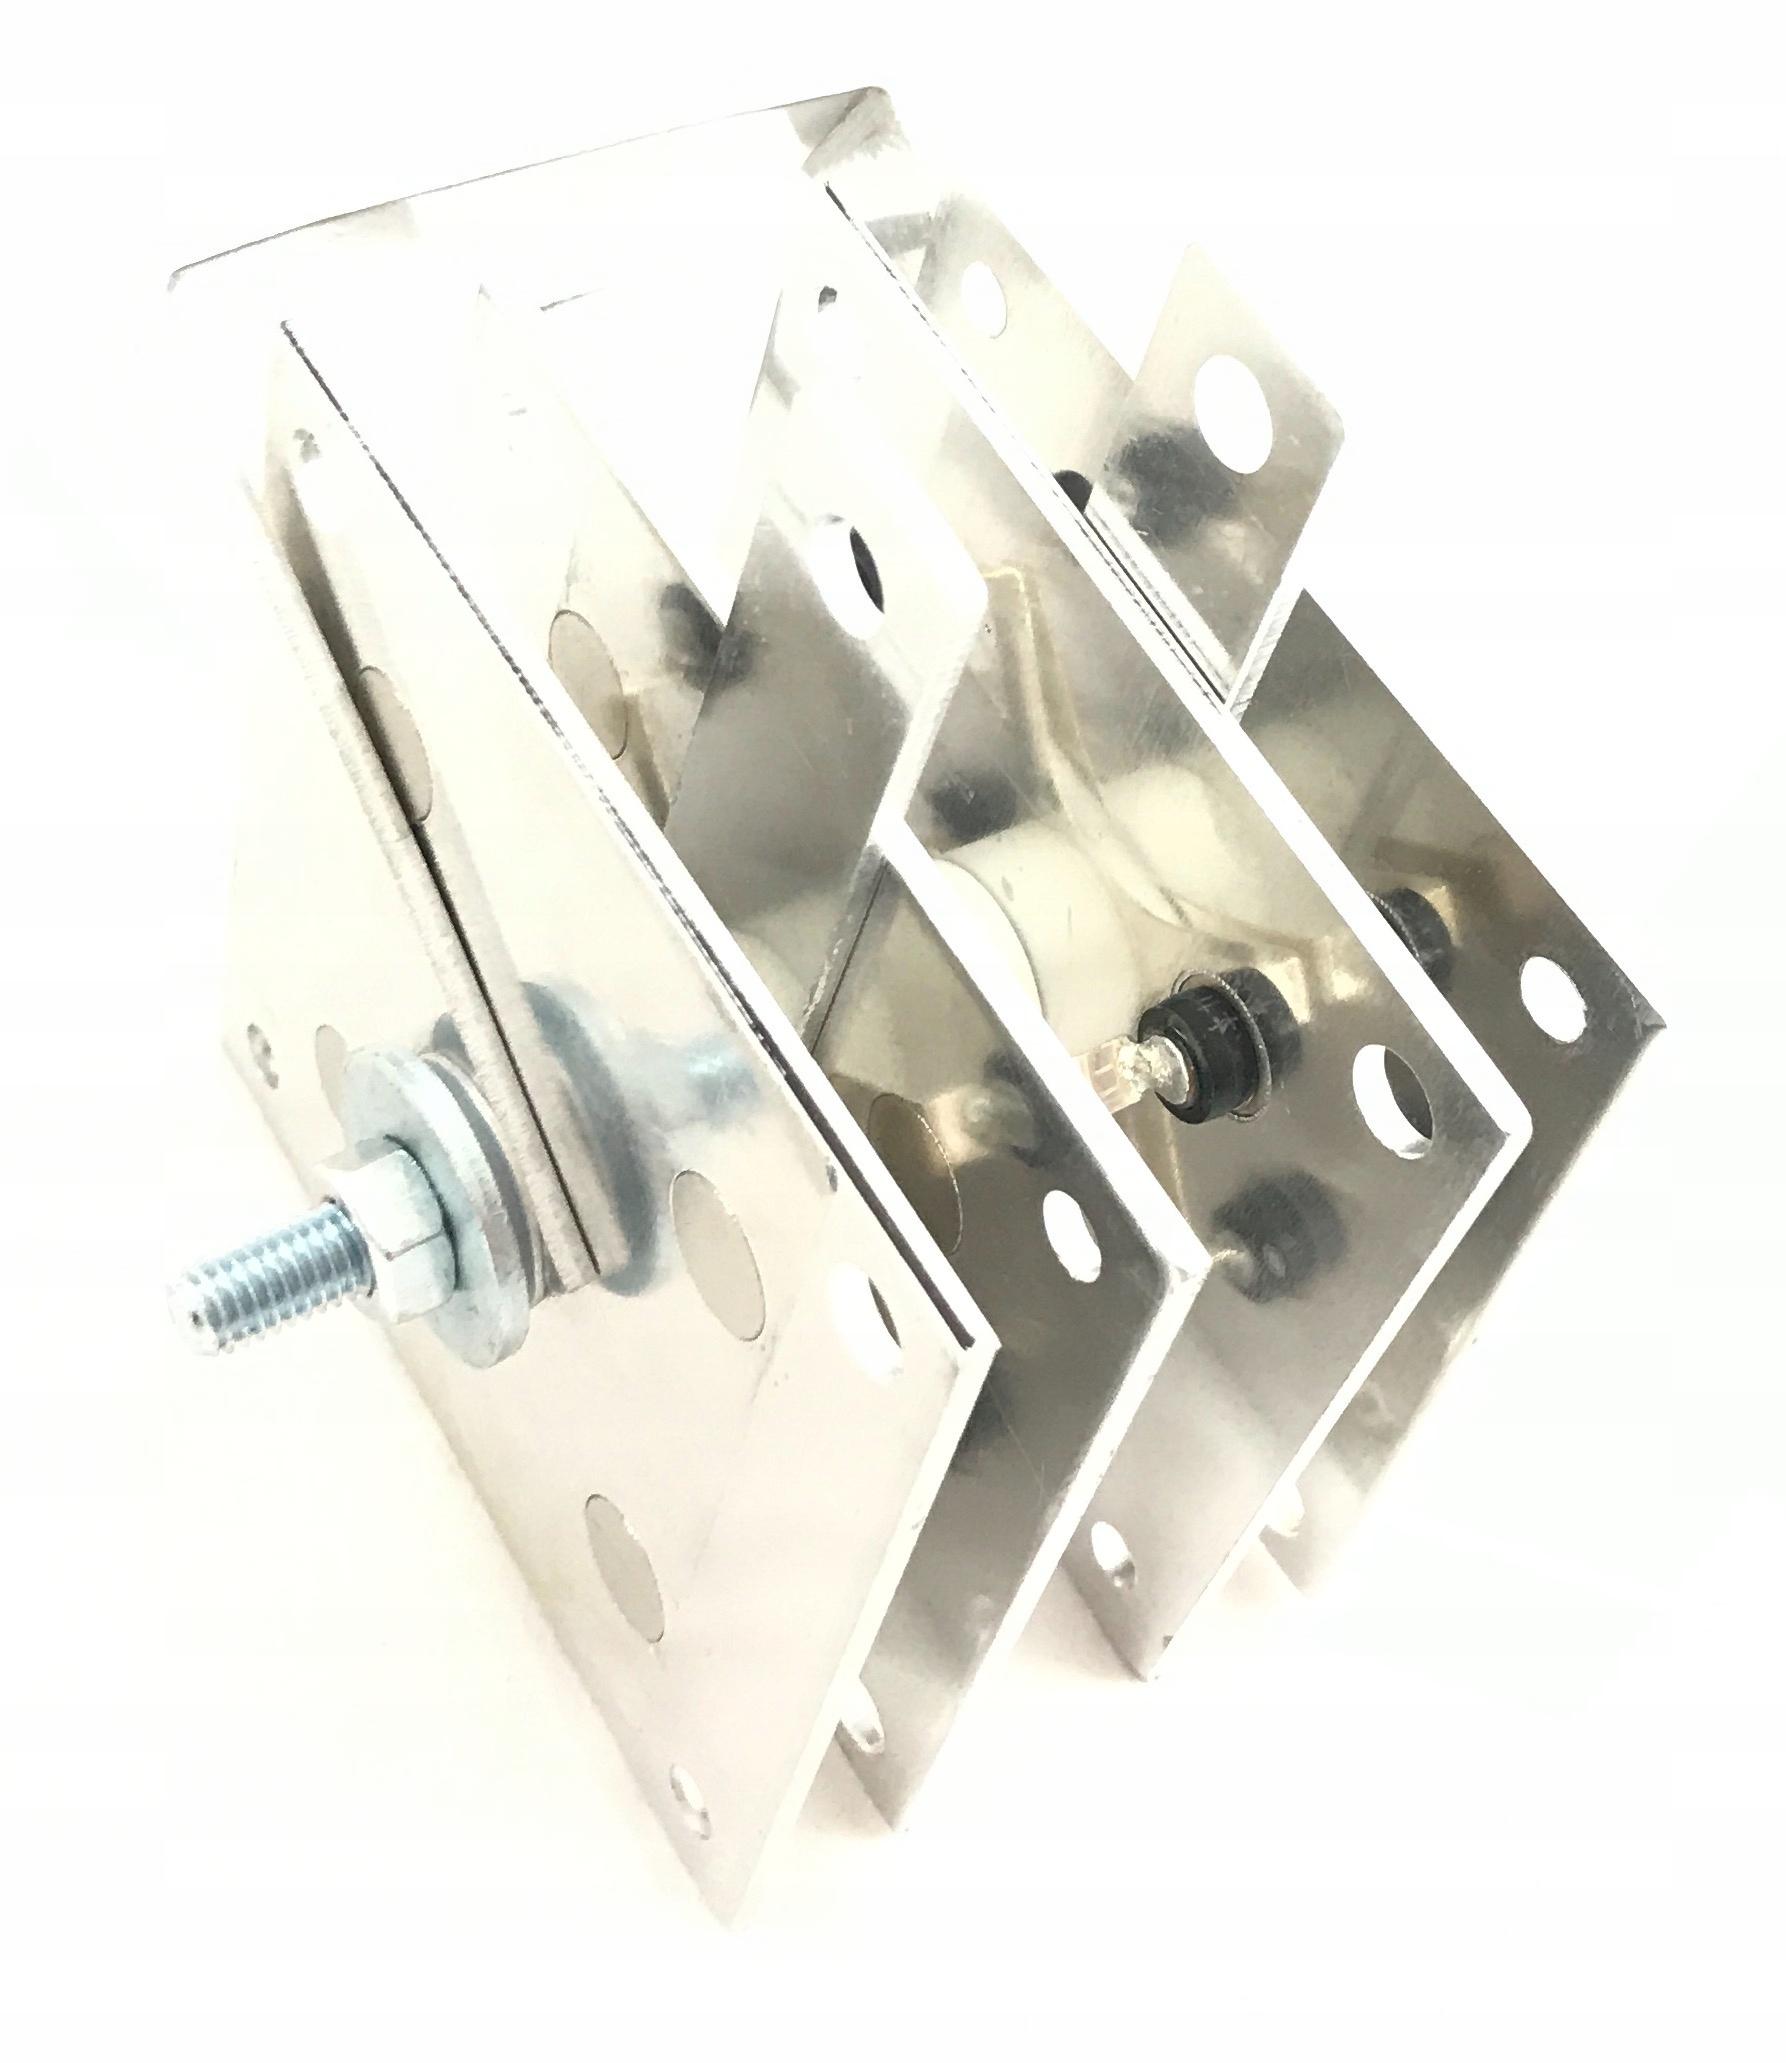 Mostek prostowniczy 200A migomat diody KWADRATOWY